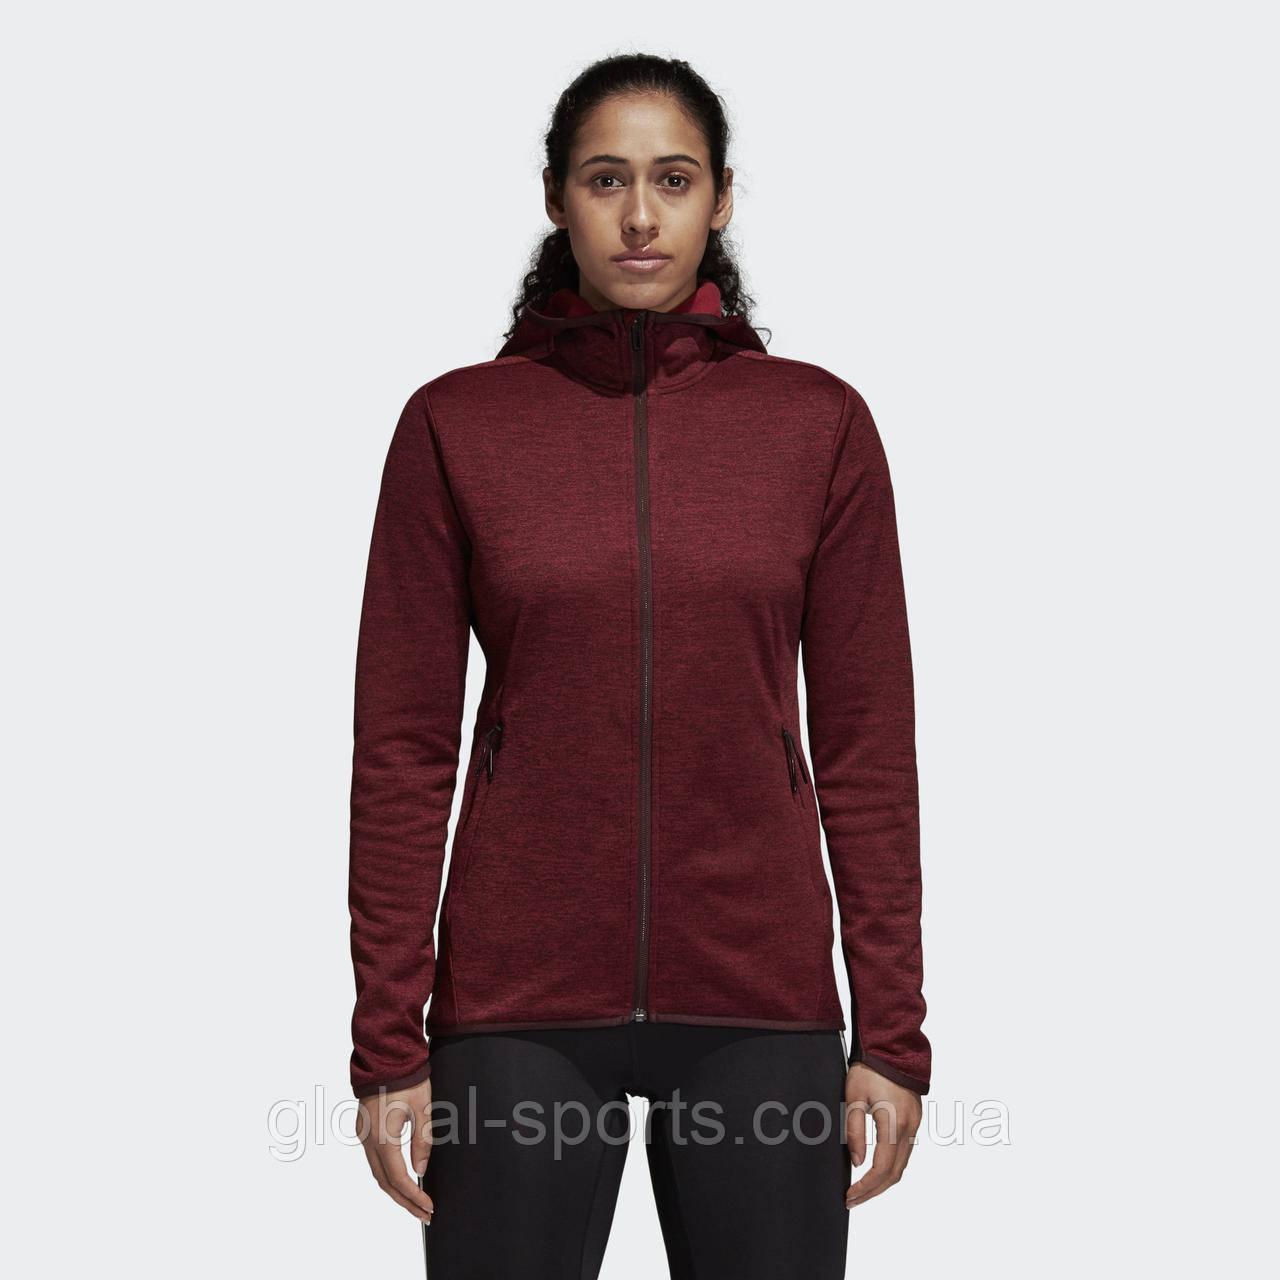 Толстовка жіноча Adidas Transitional(Артикул:DM4402)